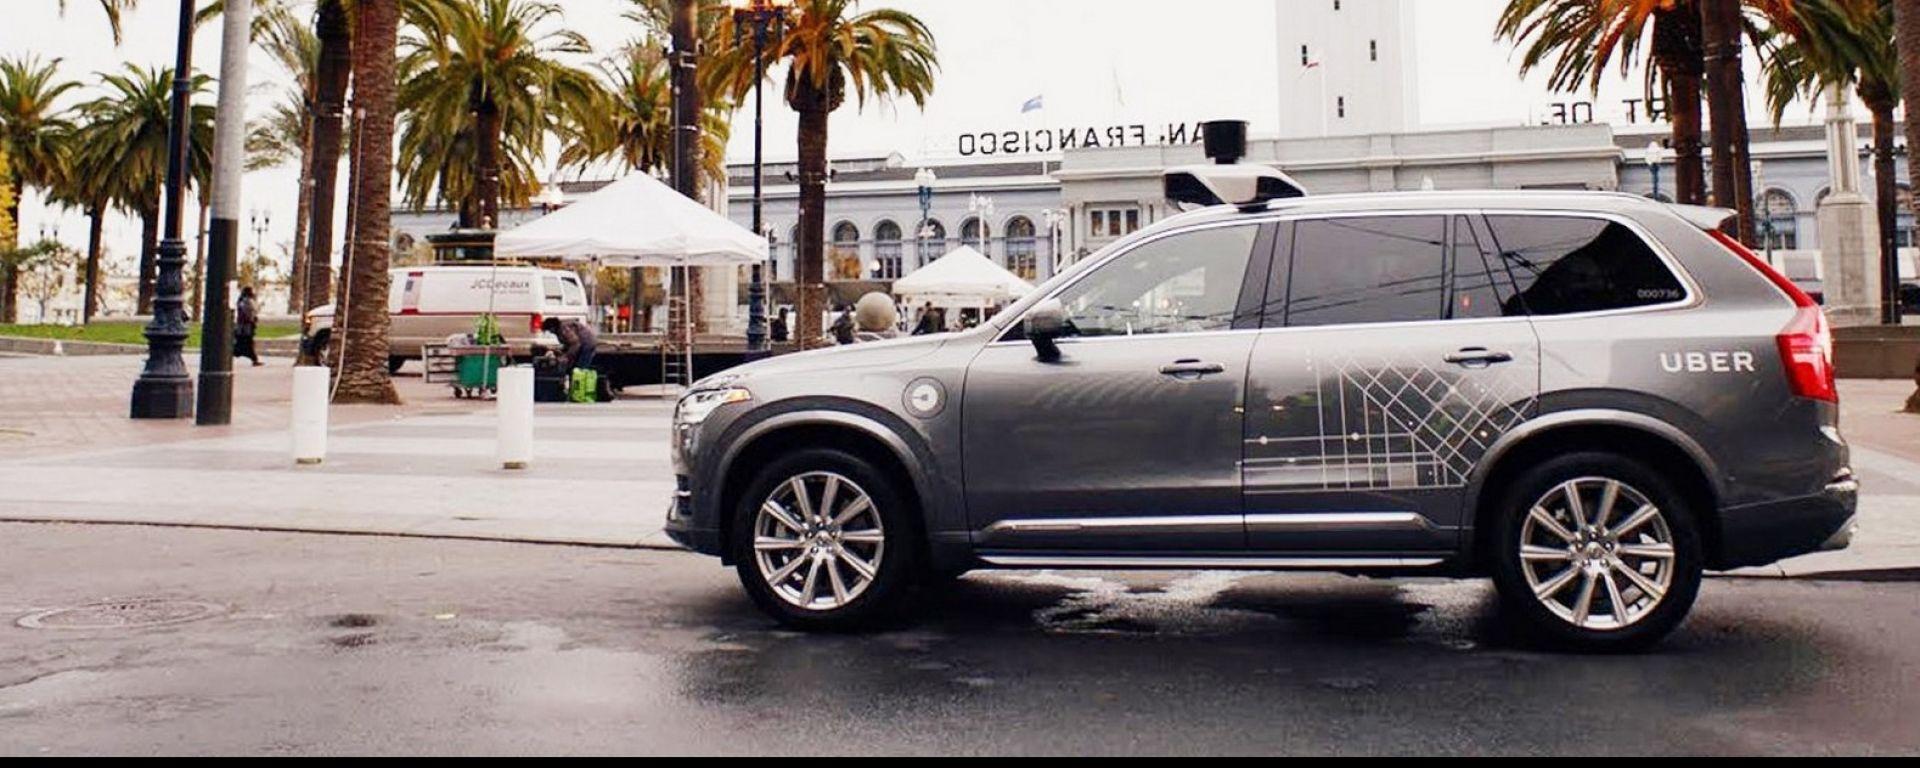 Uber sceglie Volvo XC90 come robotaxi del futuro